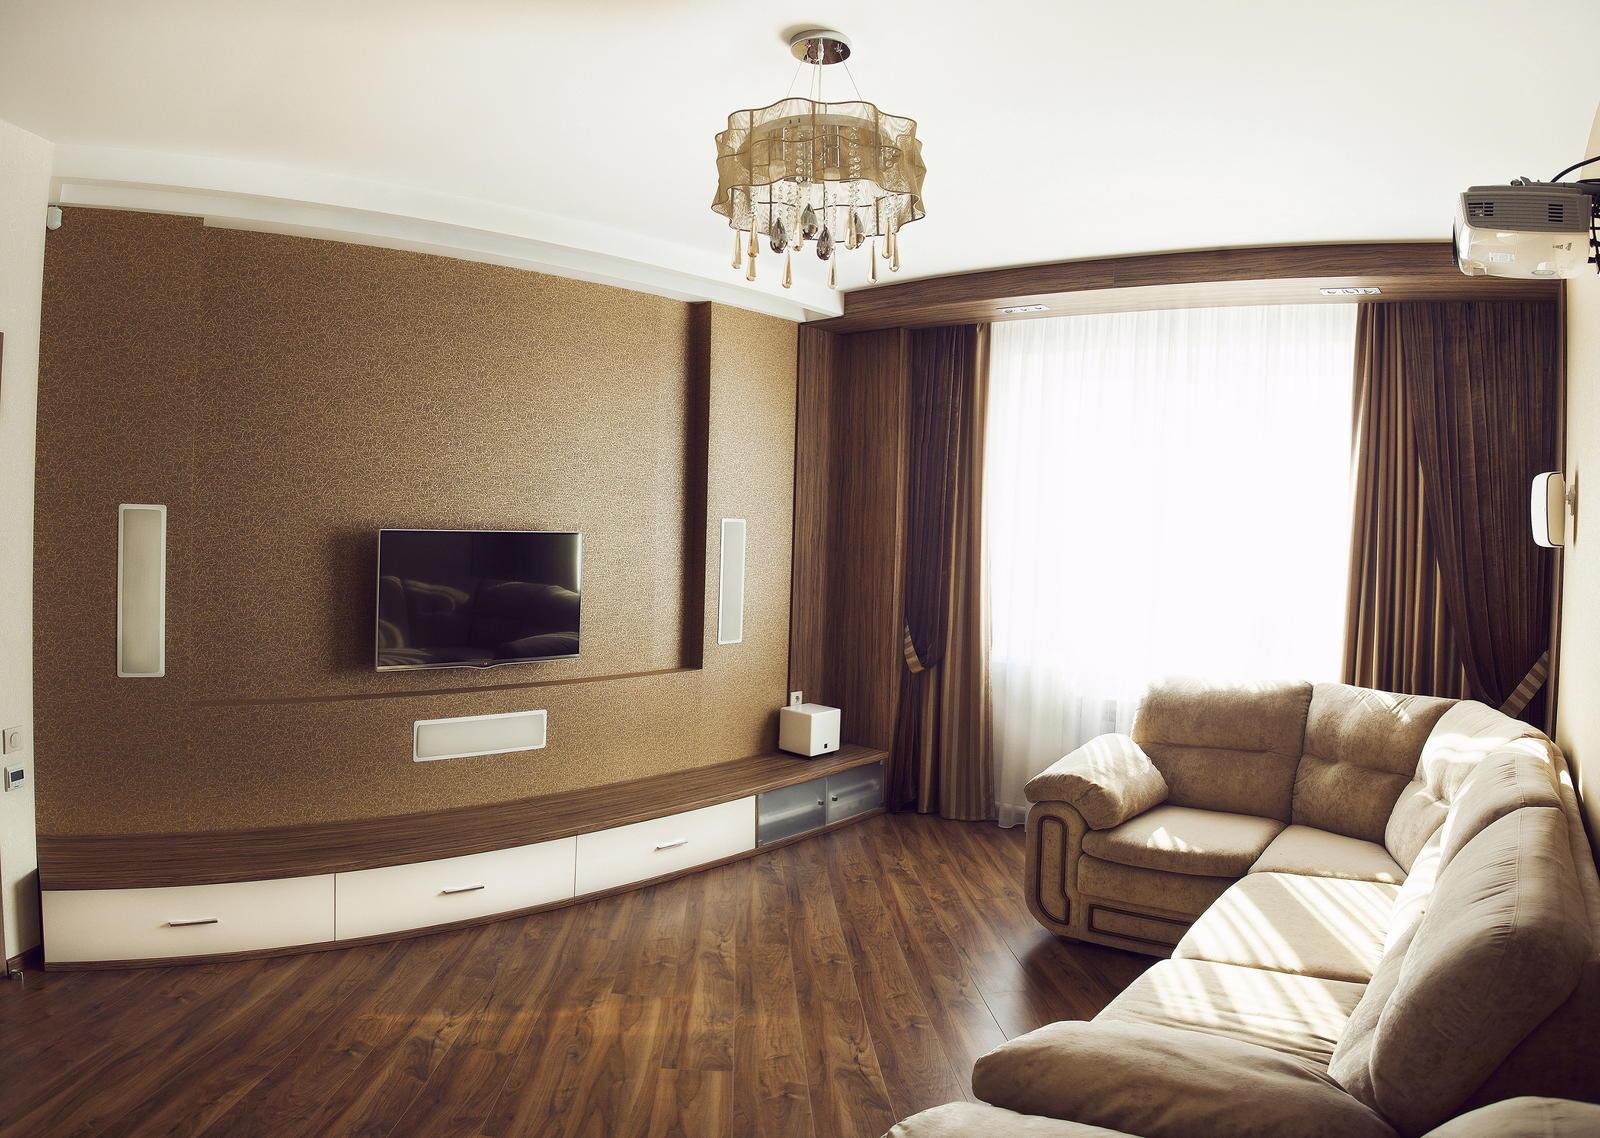 Кинозал в гостиной - одна из наших работ в Улан-Удэ 5